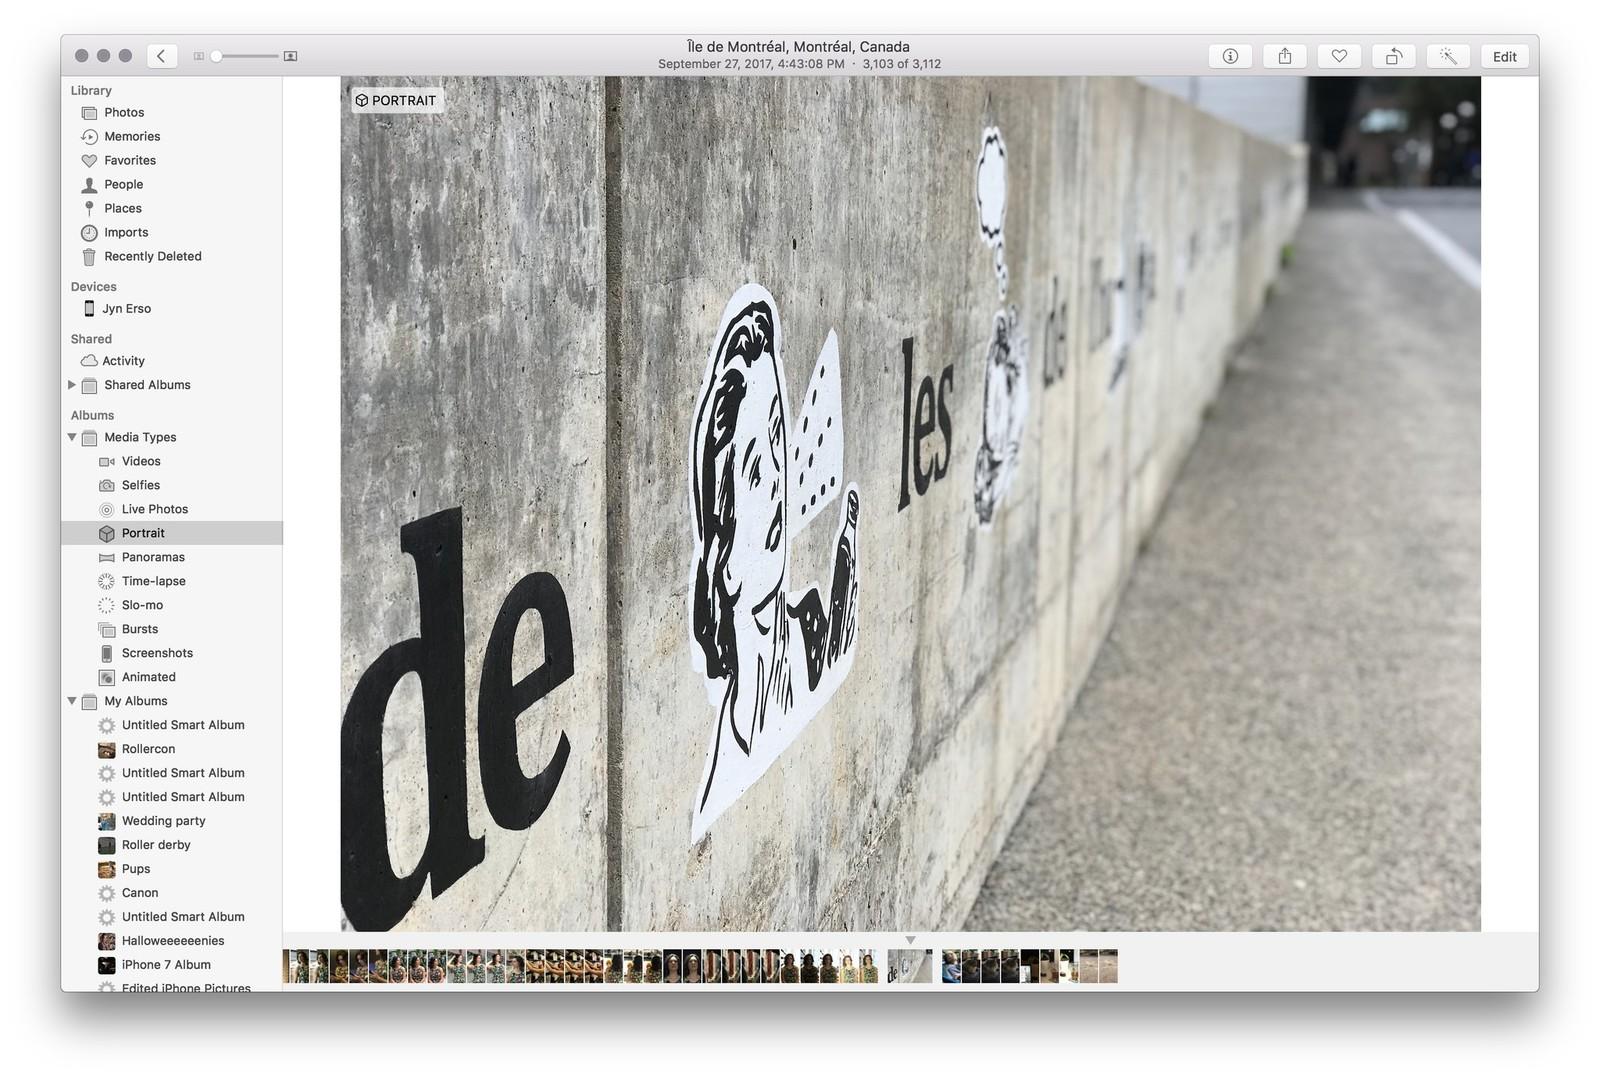 Как использовать портретный режим и портретное освещение в iPhone X - как отредактировать на macOS